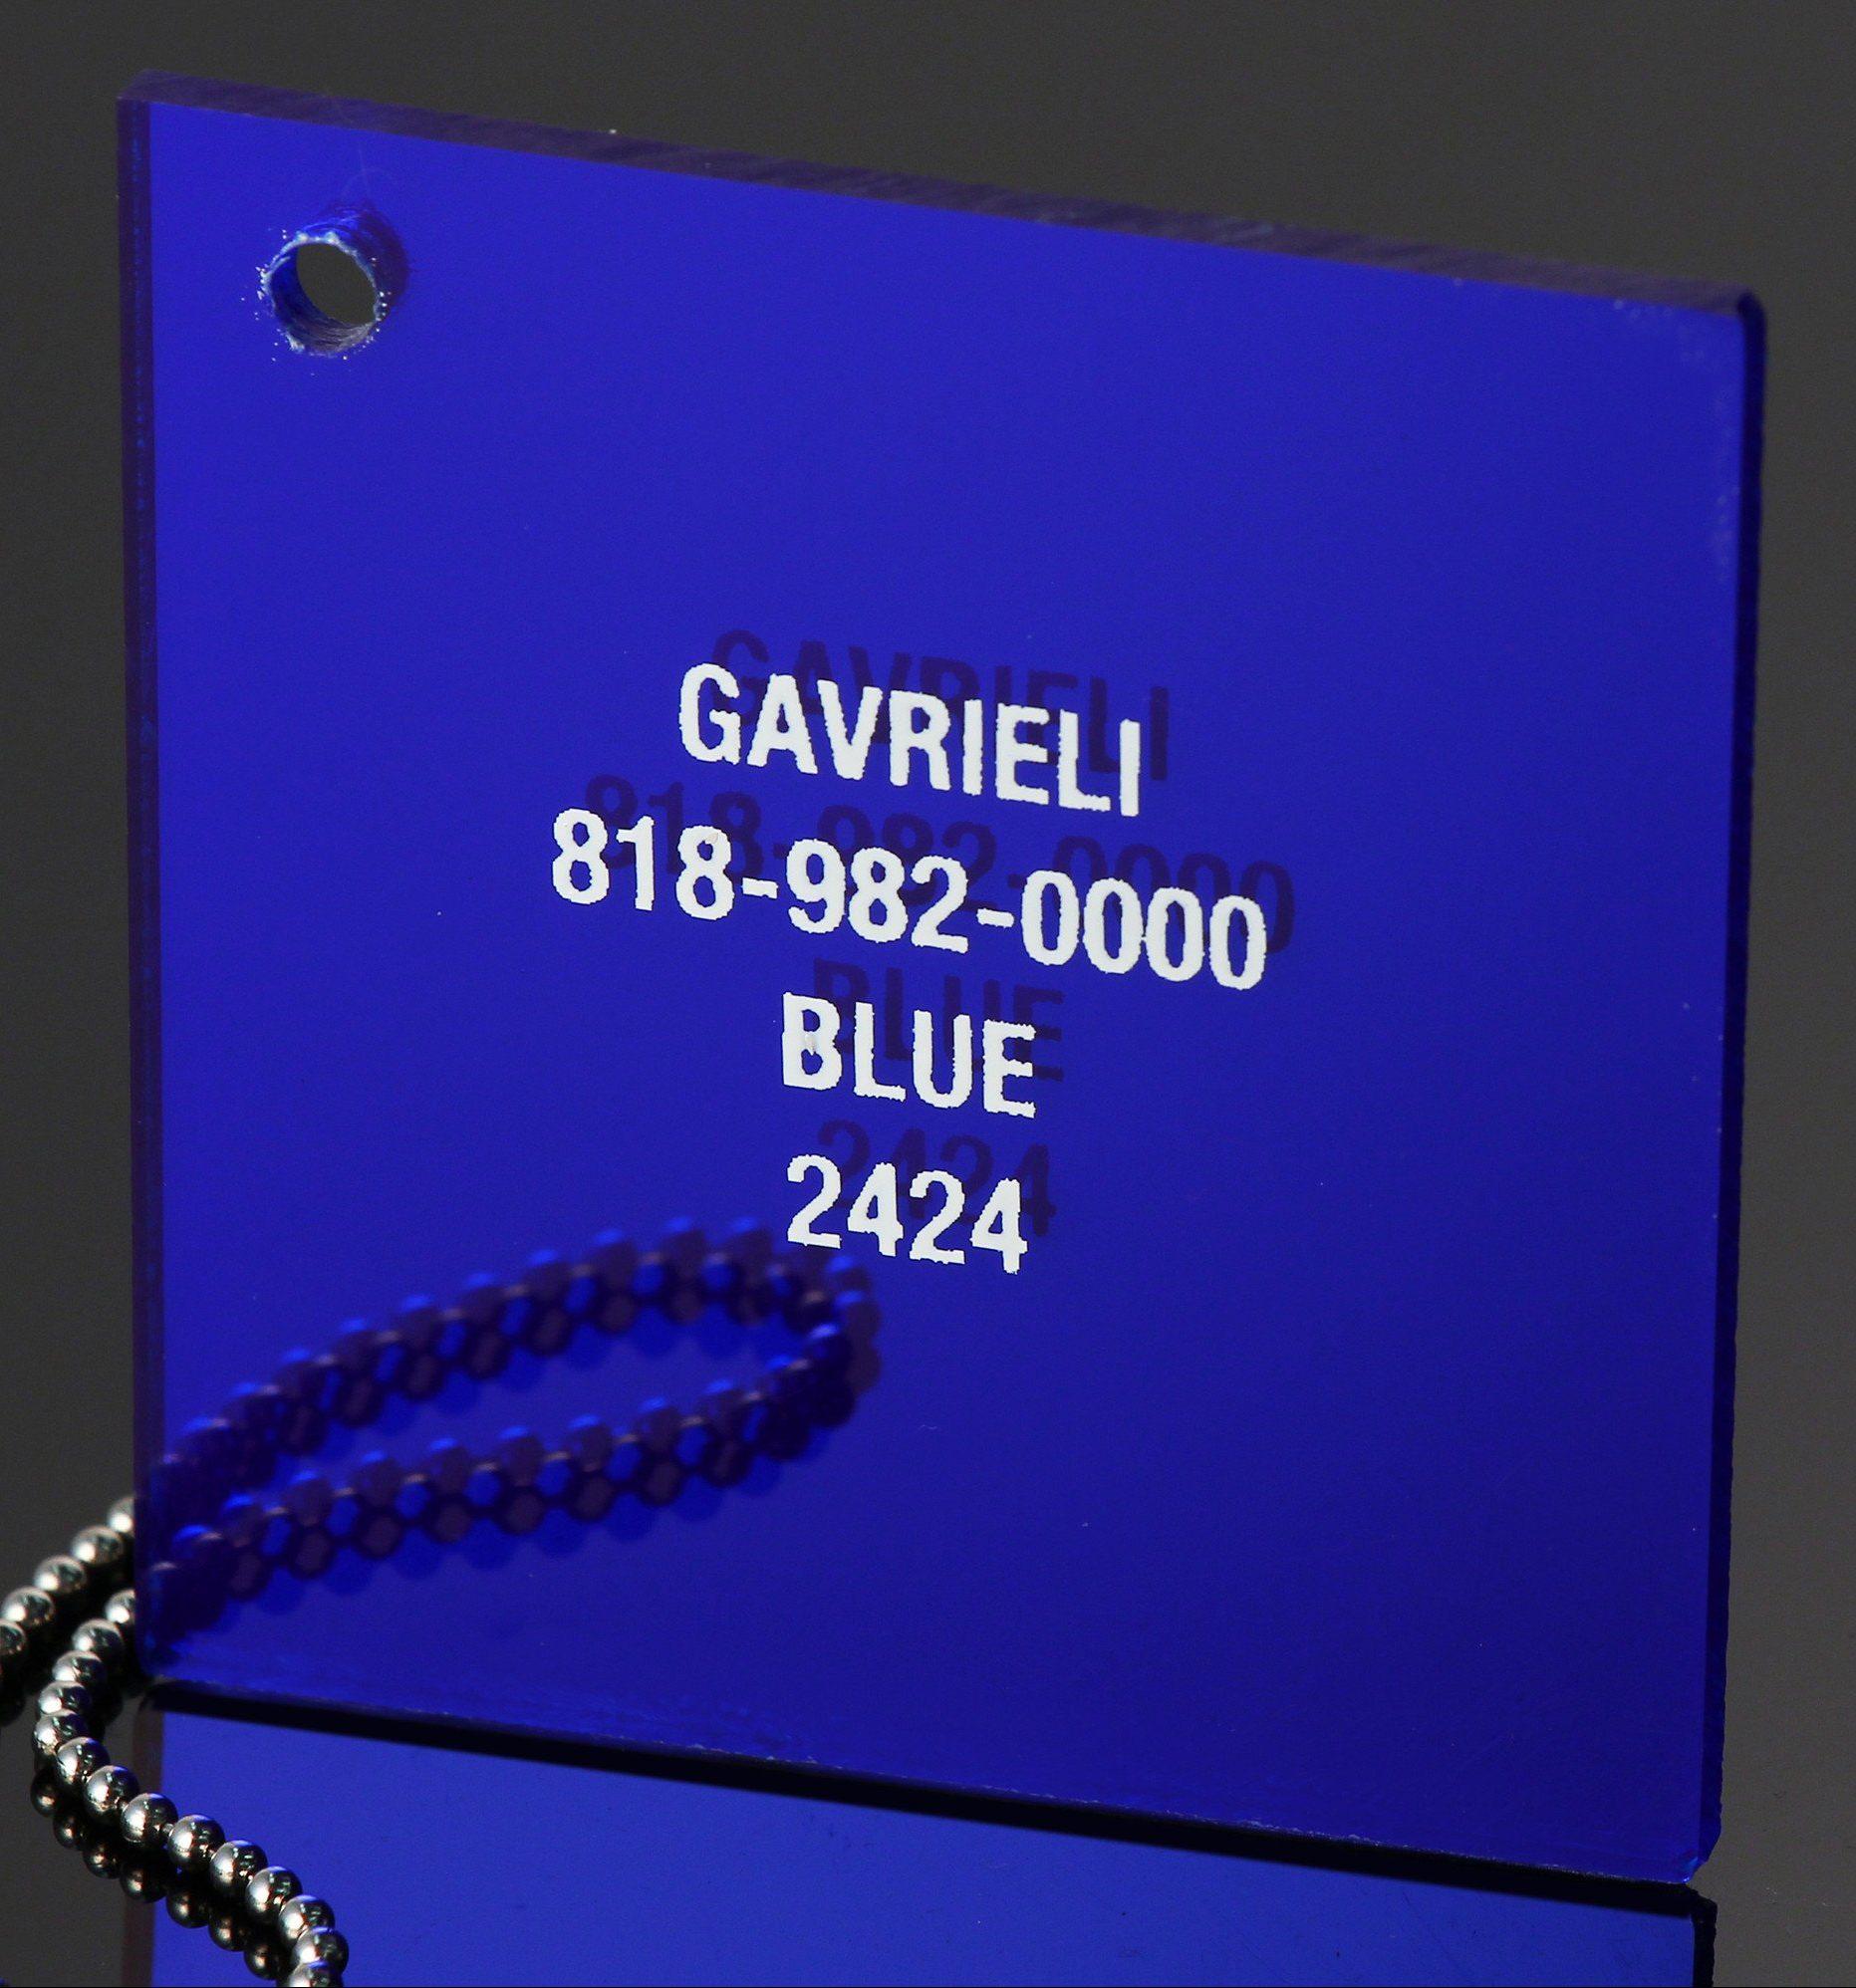 BLUE 2424